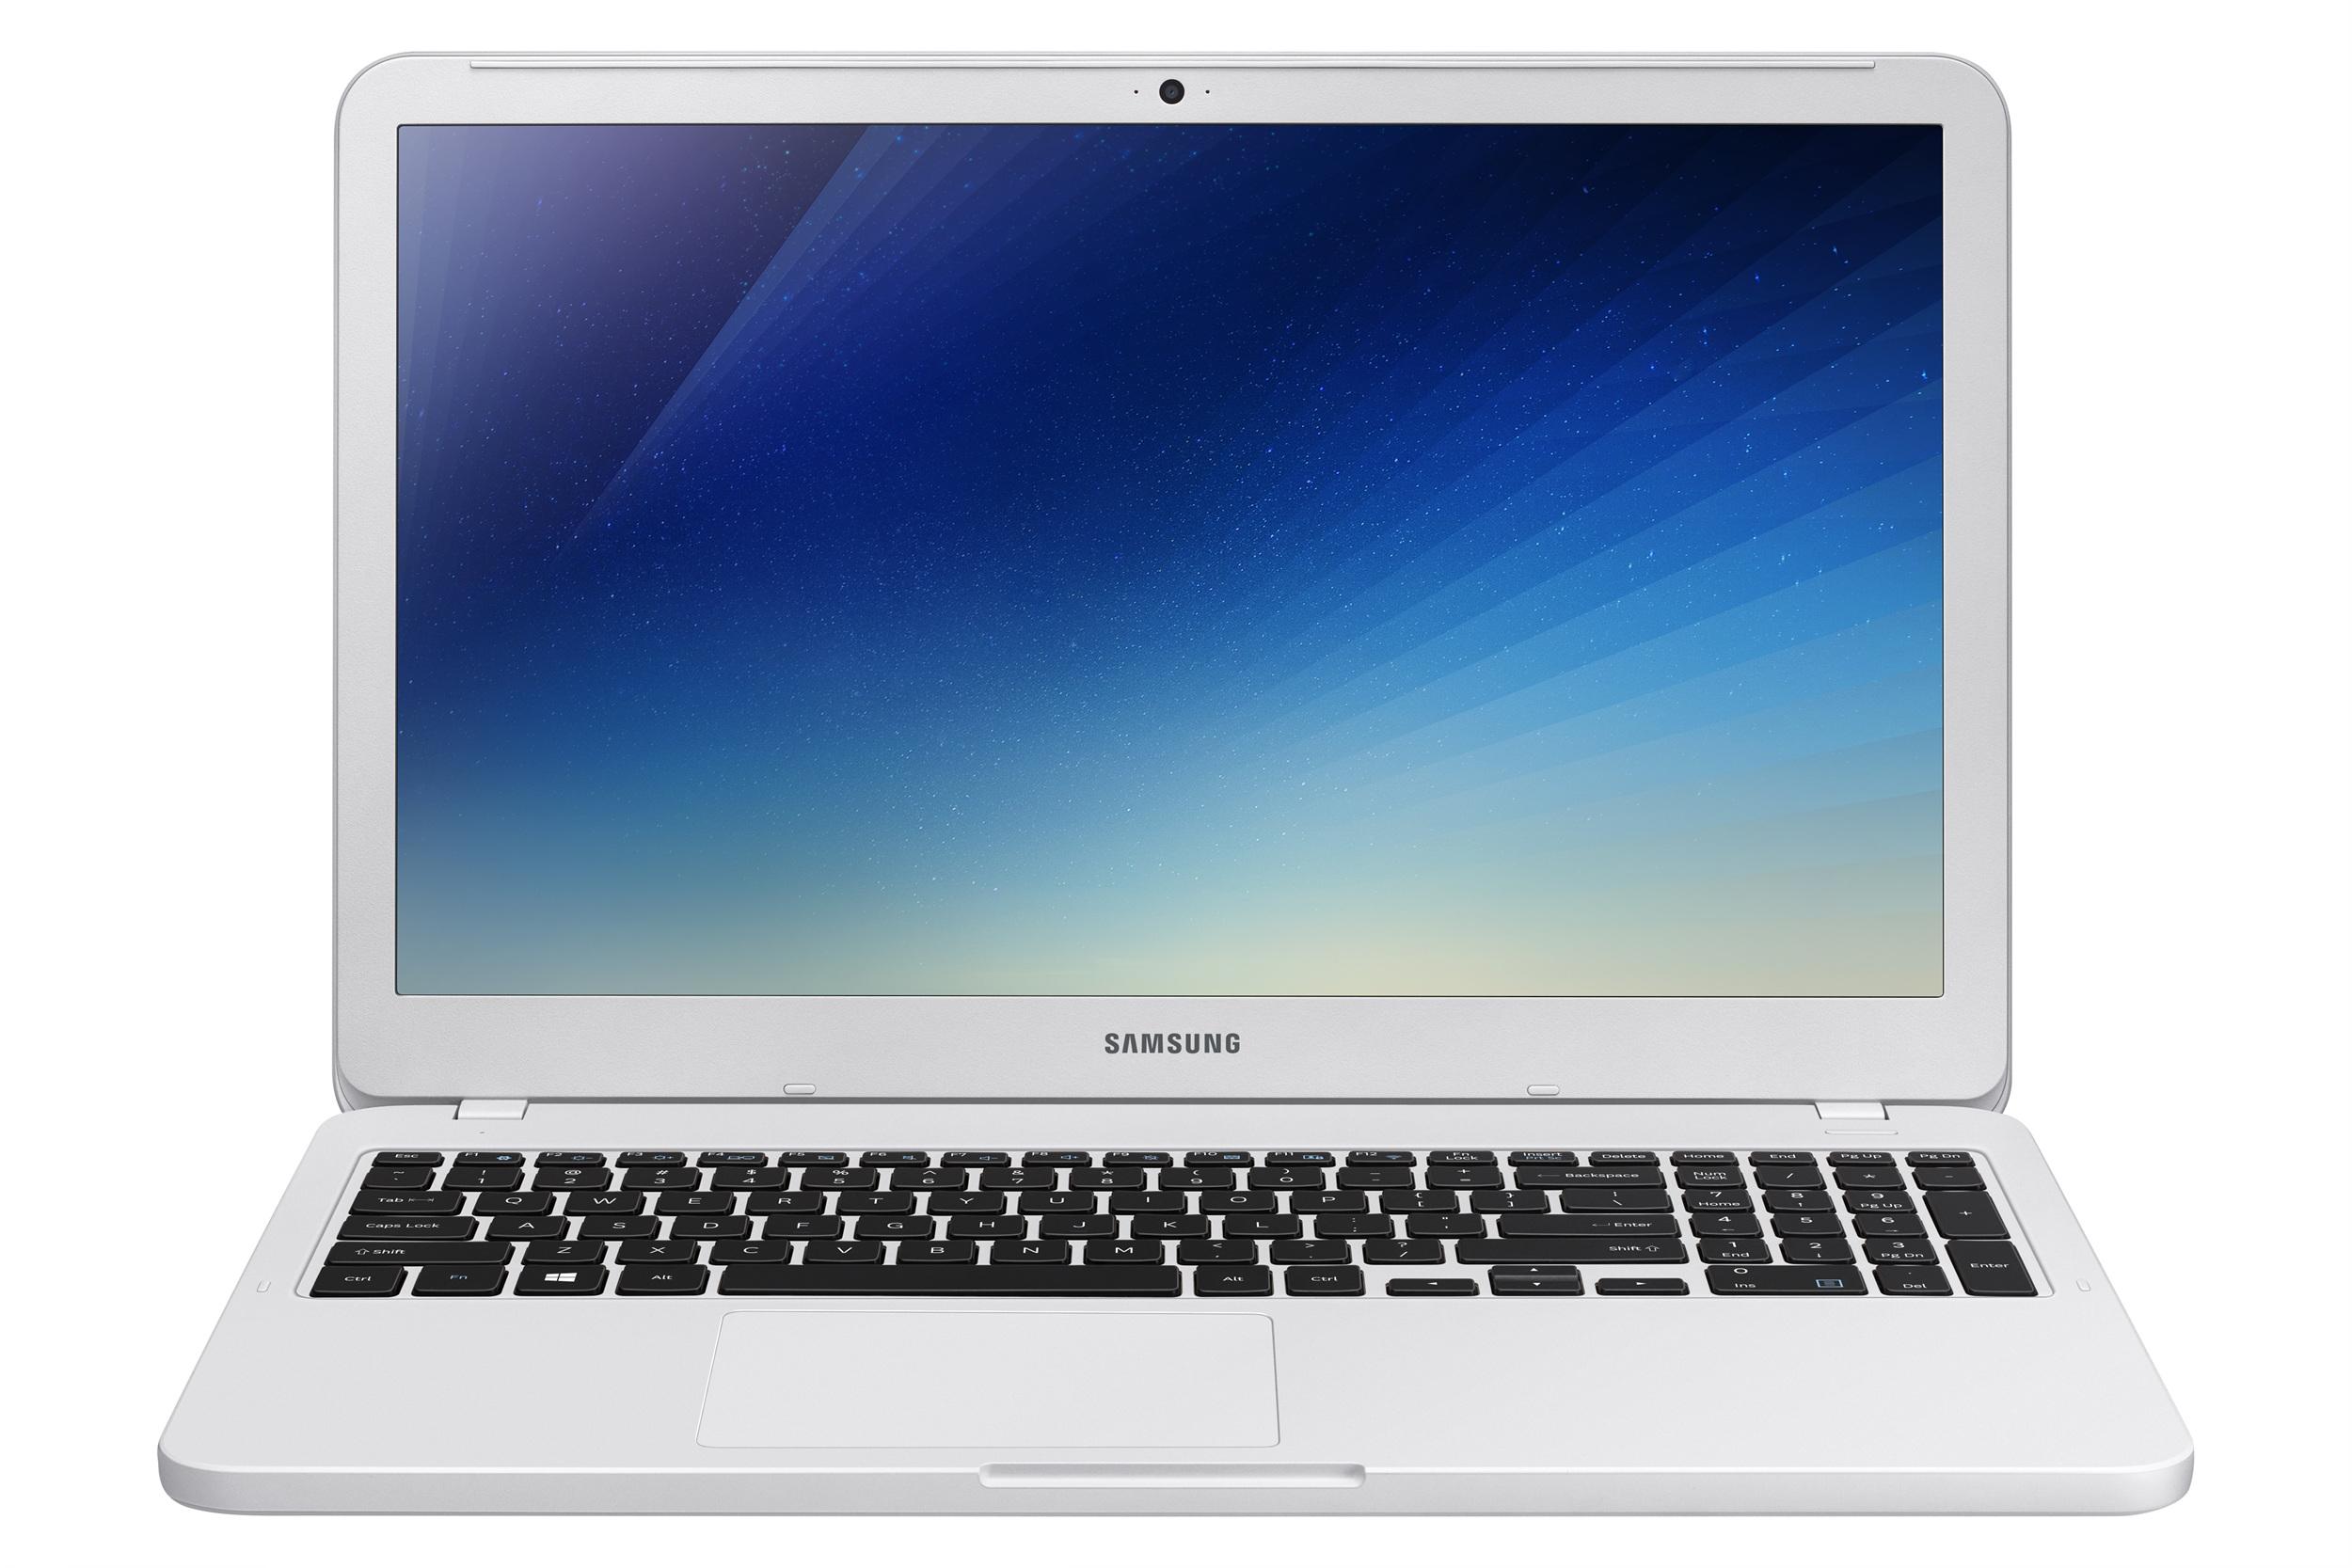 Notebook 3 5 Und Odyssey Z Neue Laptops Von Samsung